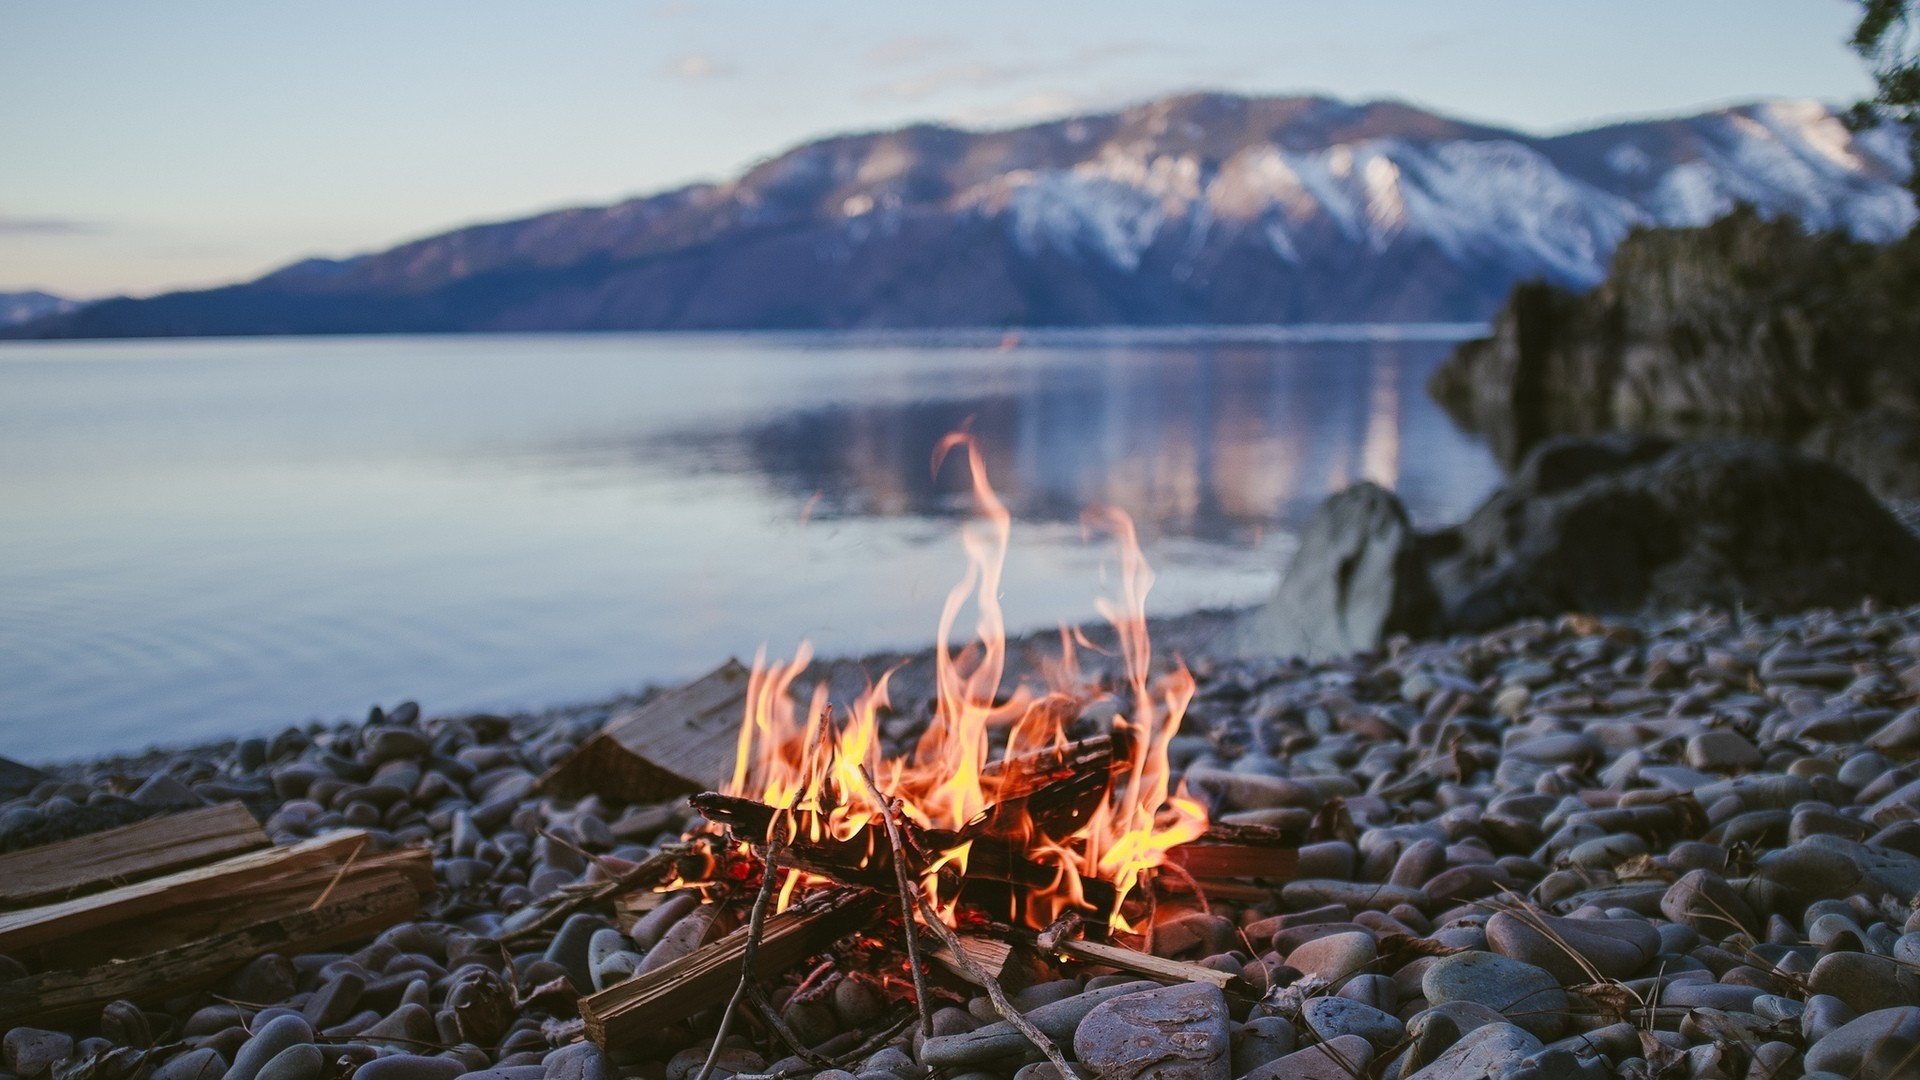 Camping Wallpaper image hd